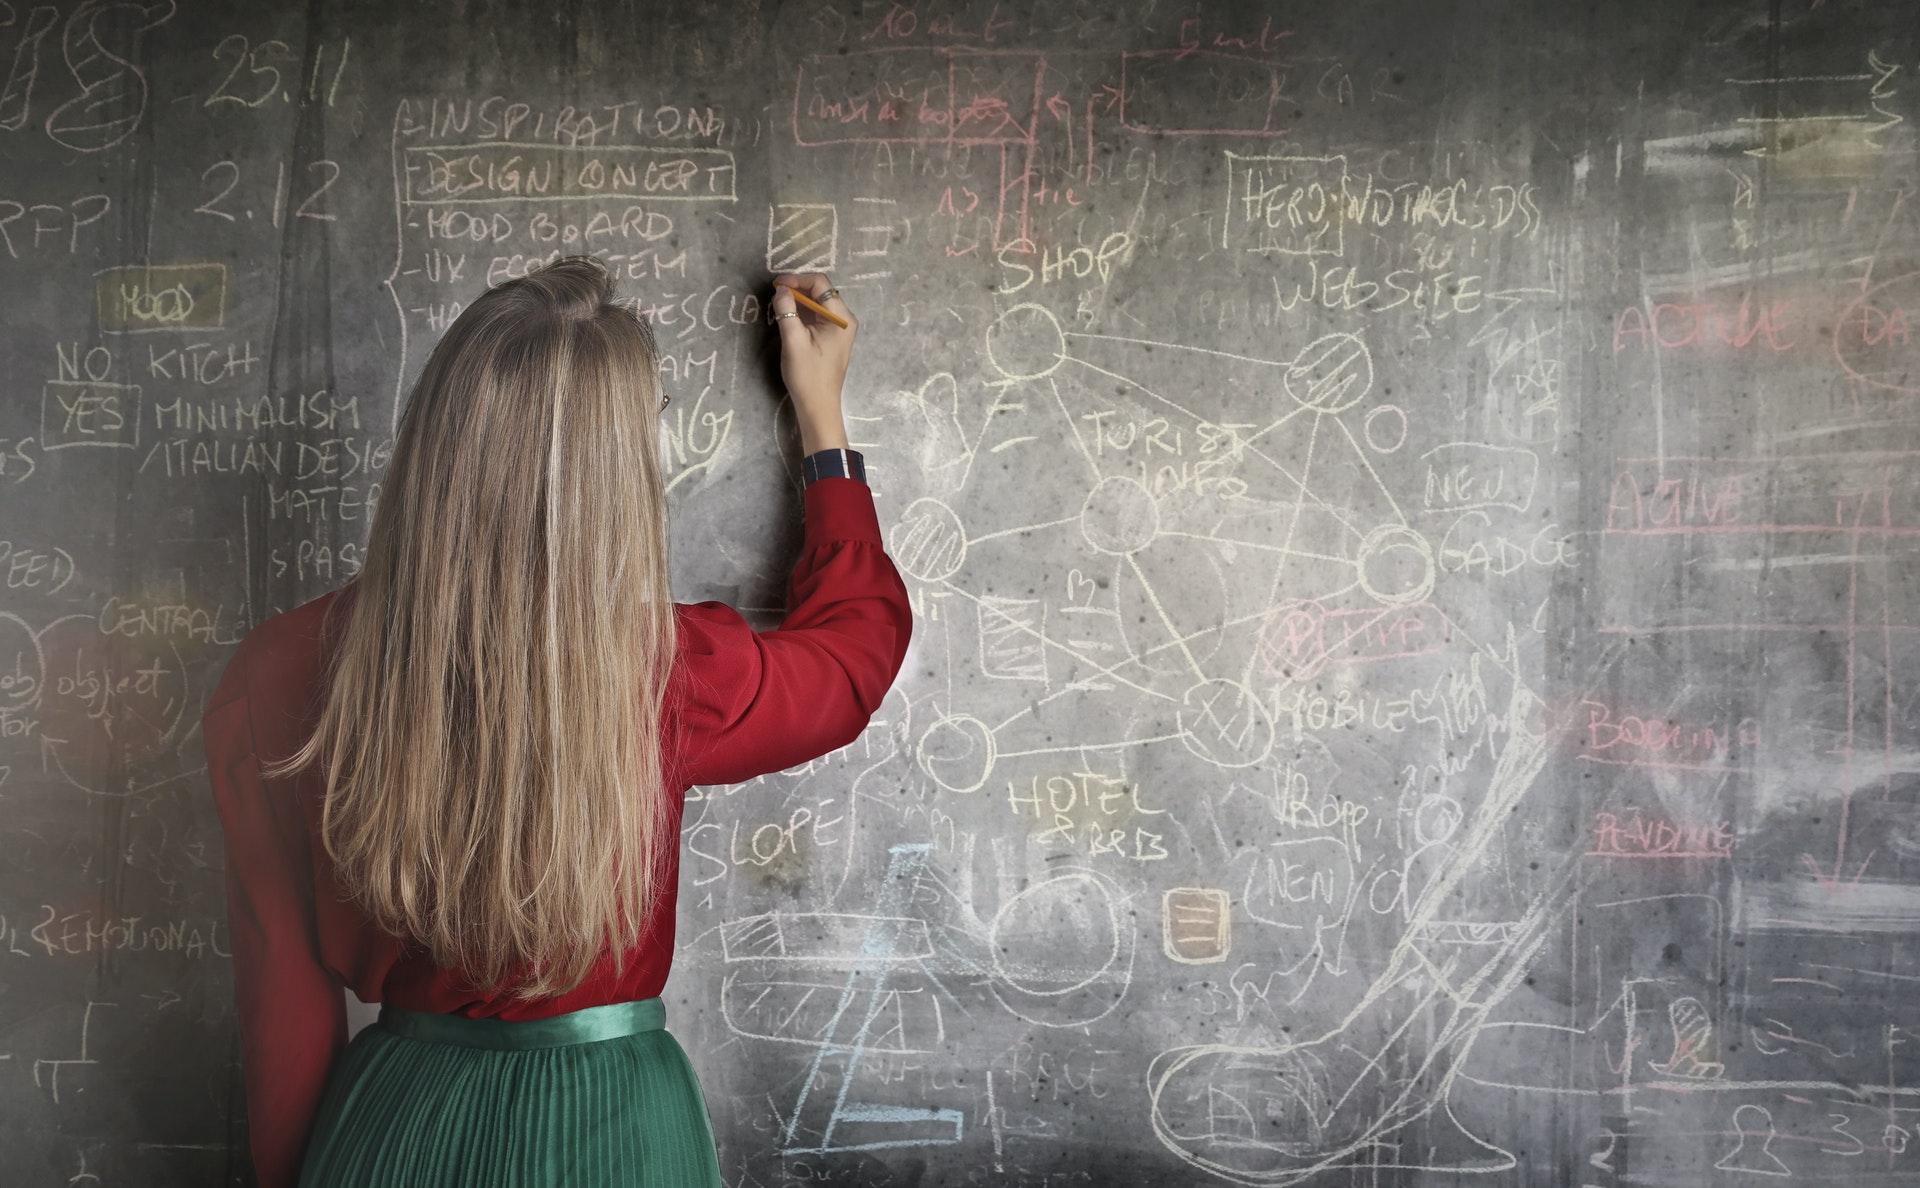 Acumen - Drawing on blackboard